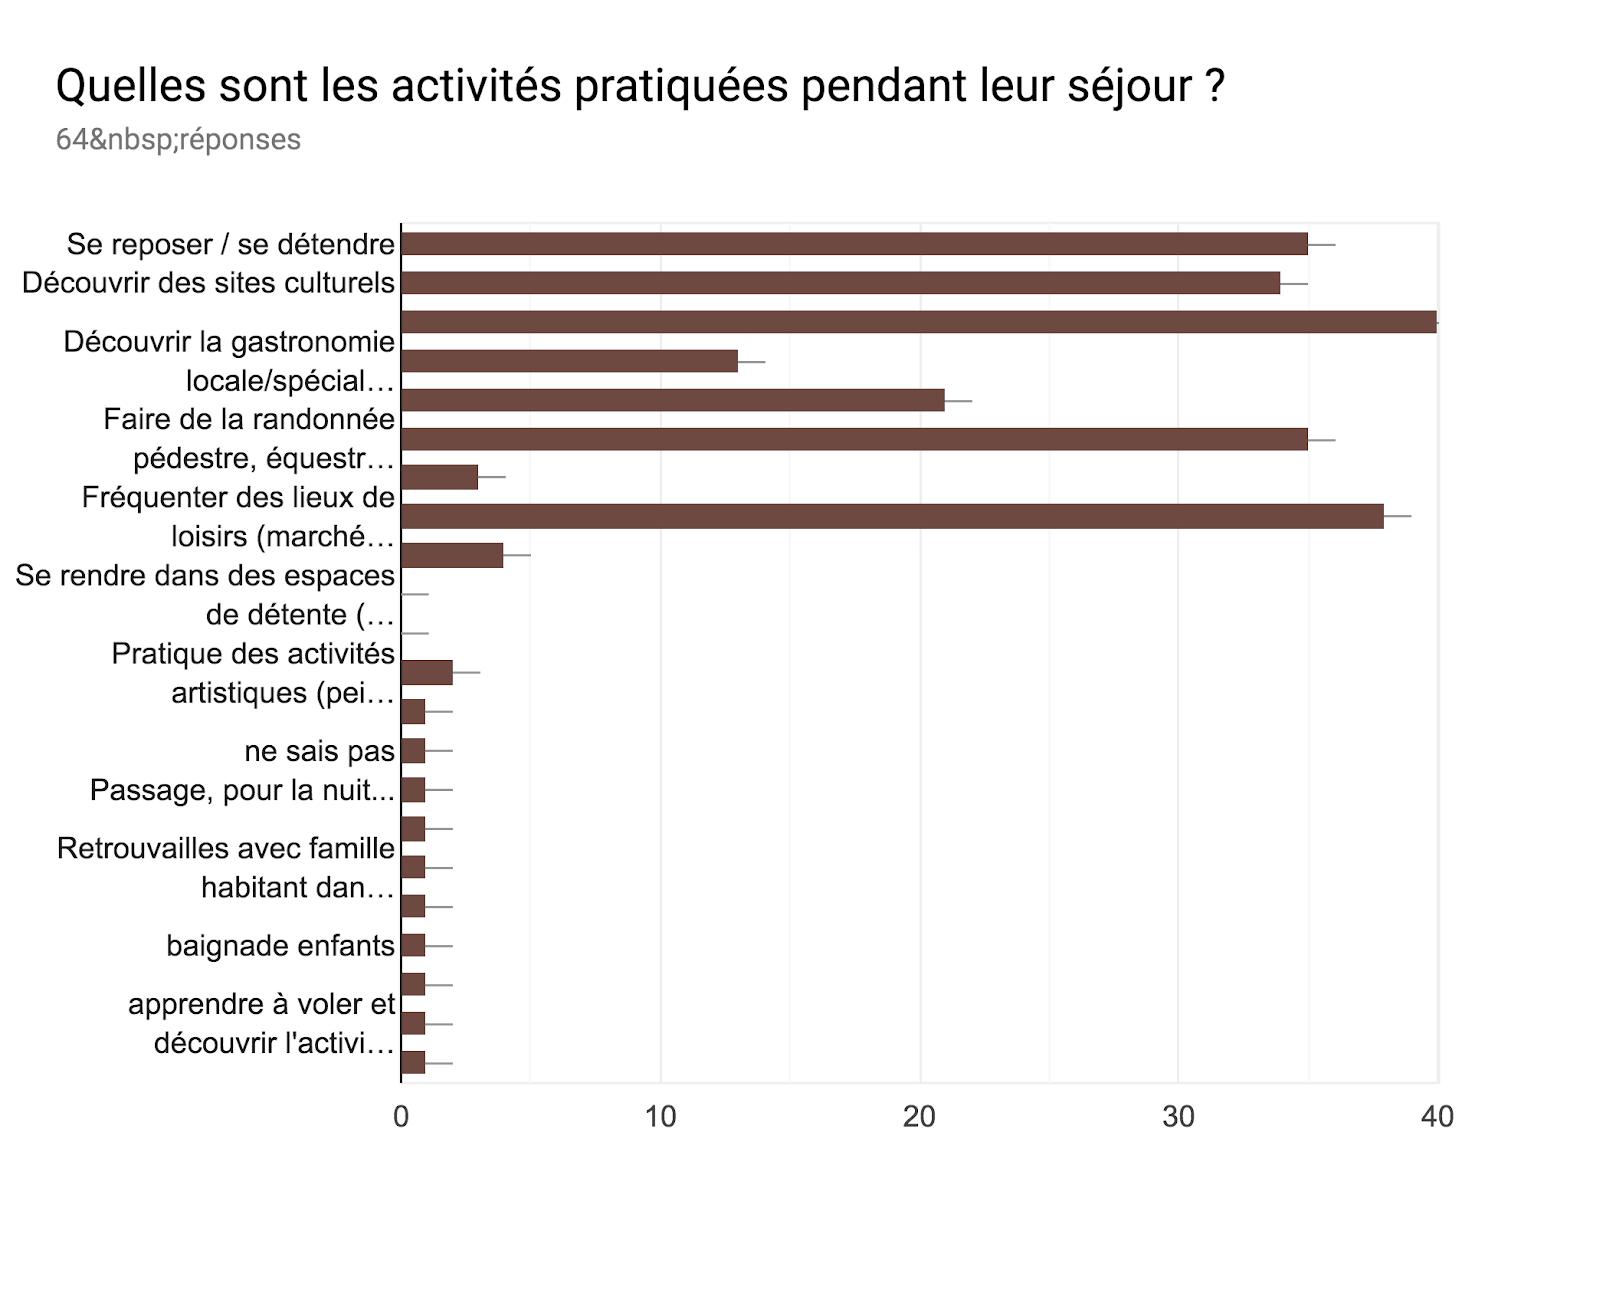 Tableau des réponses au formulaire Forms. Titre de la question: Quelles sont les activités pratiquées pendant leur séjour ?. Nombre de réponses: 64réponses.